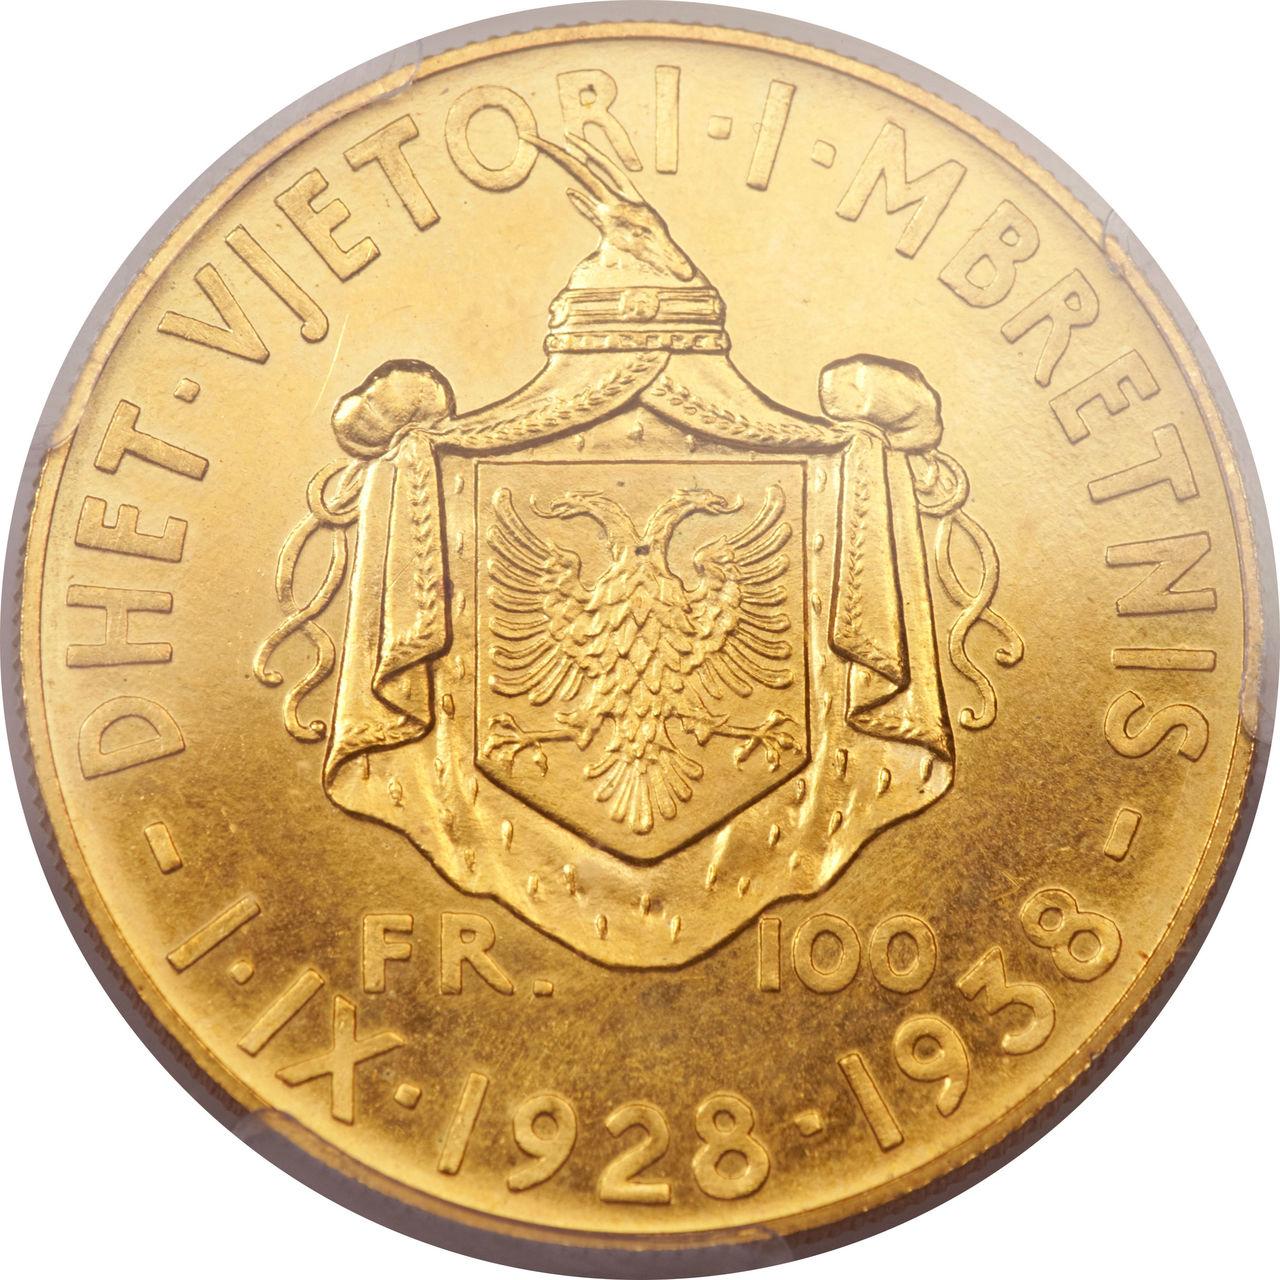 100 Francs. Albania. 1938  Lf_CART5_NFQ